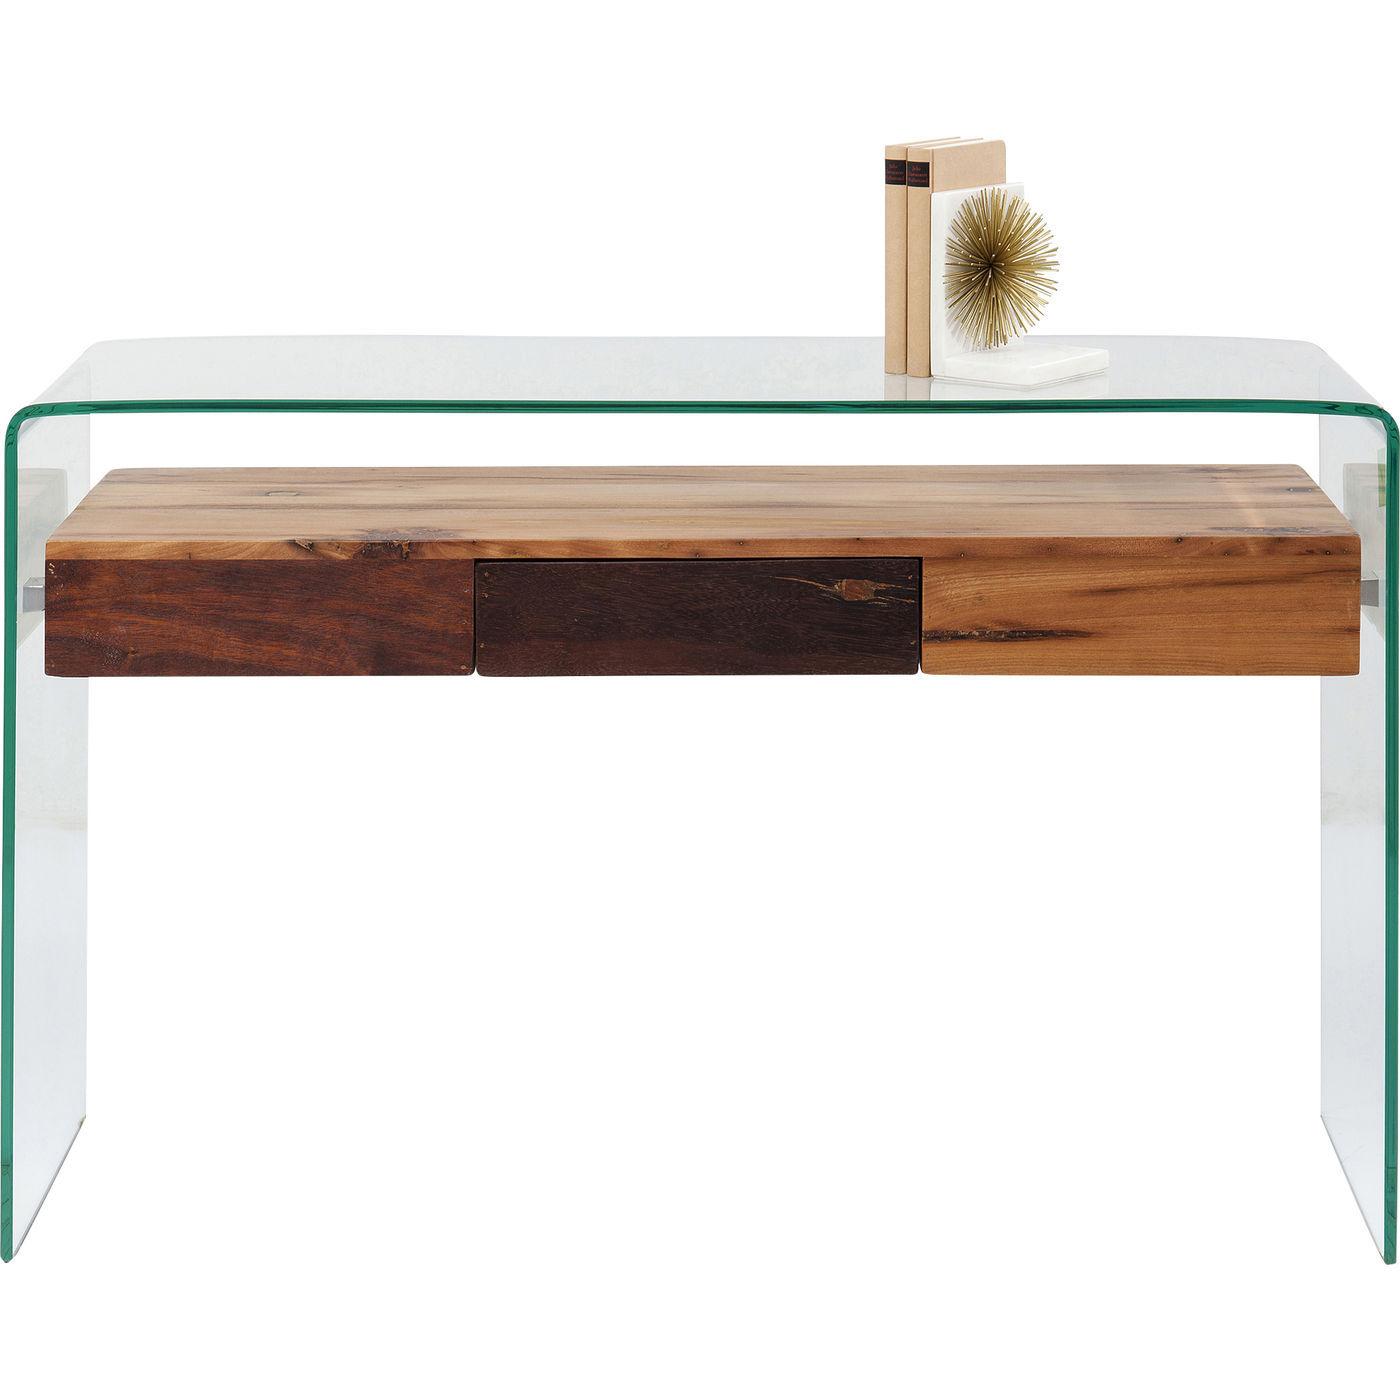 Image of   KARE DESIGN Modern Nature konsolbord - klart glas/natur genbrugstræ, m. 1 skuffe (120x40)